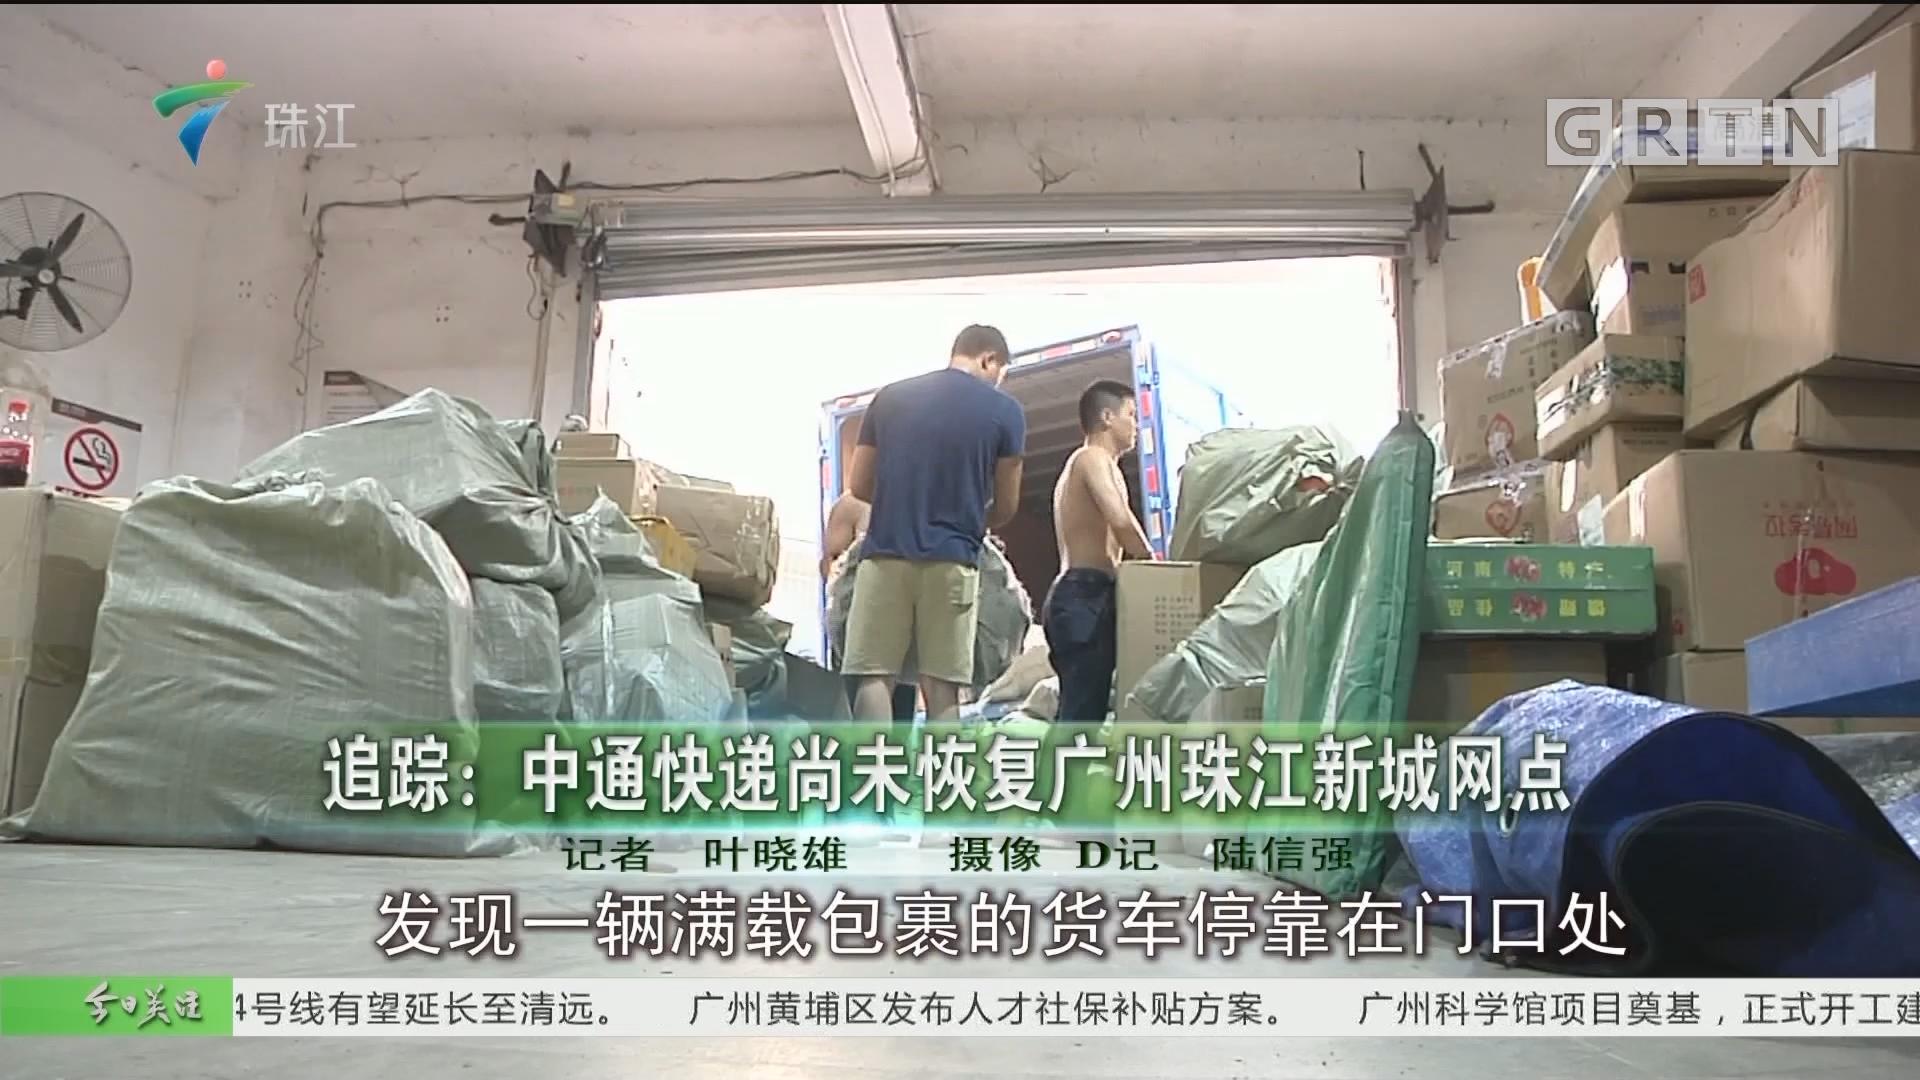 追踪:中通快递尚未恢复广州珠江新城网点